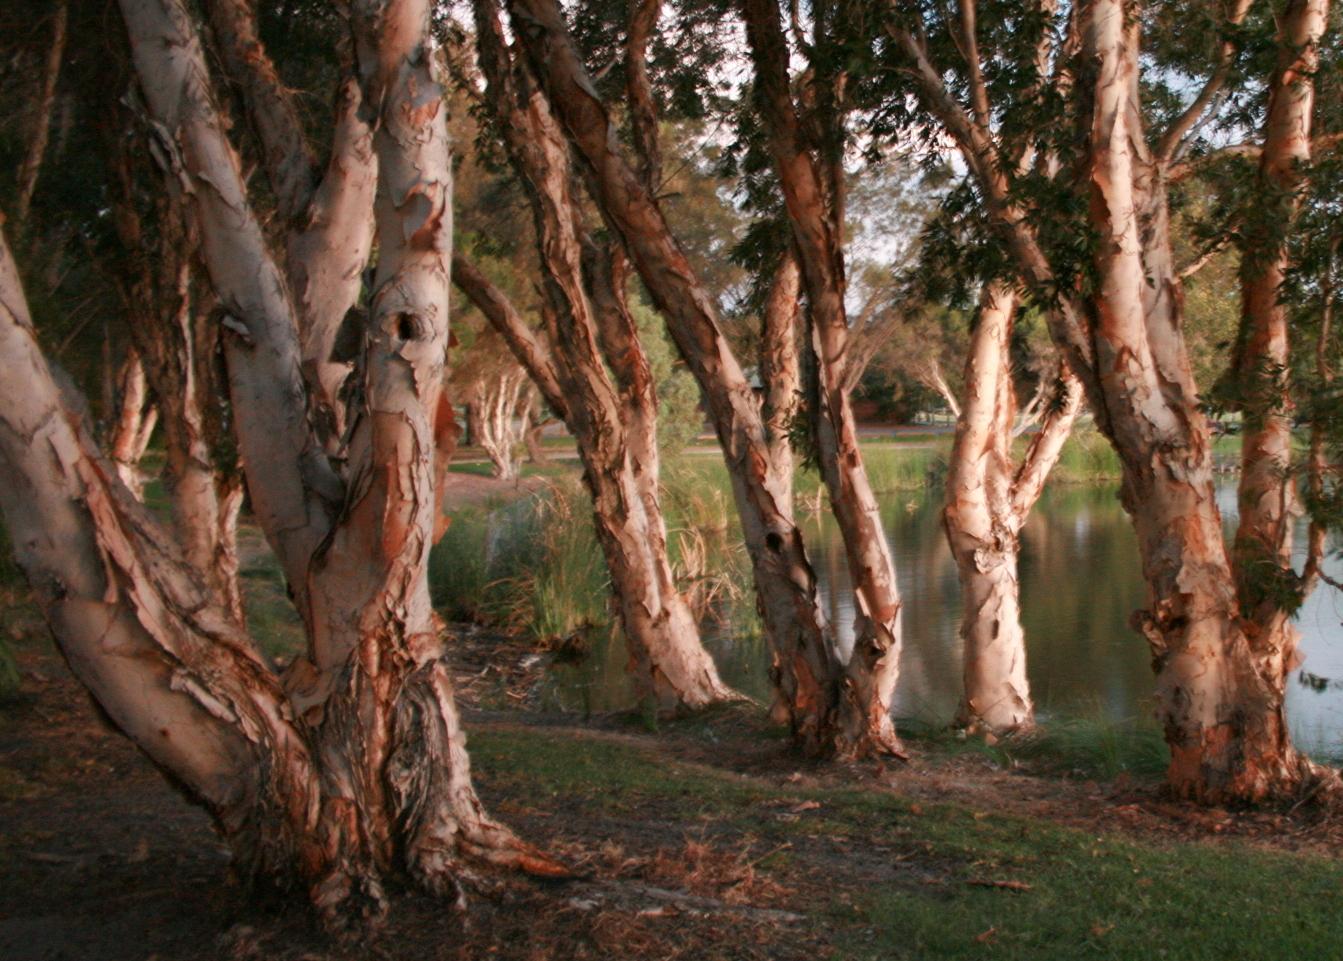 trees-at-herdsman-lake_425047090_o